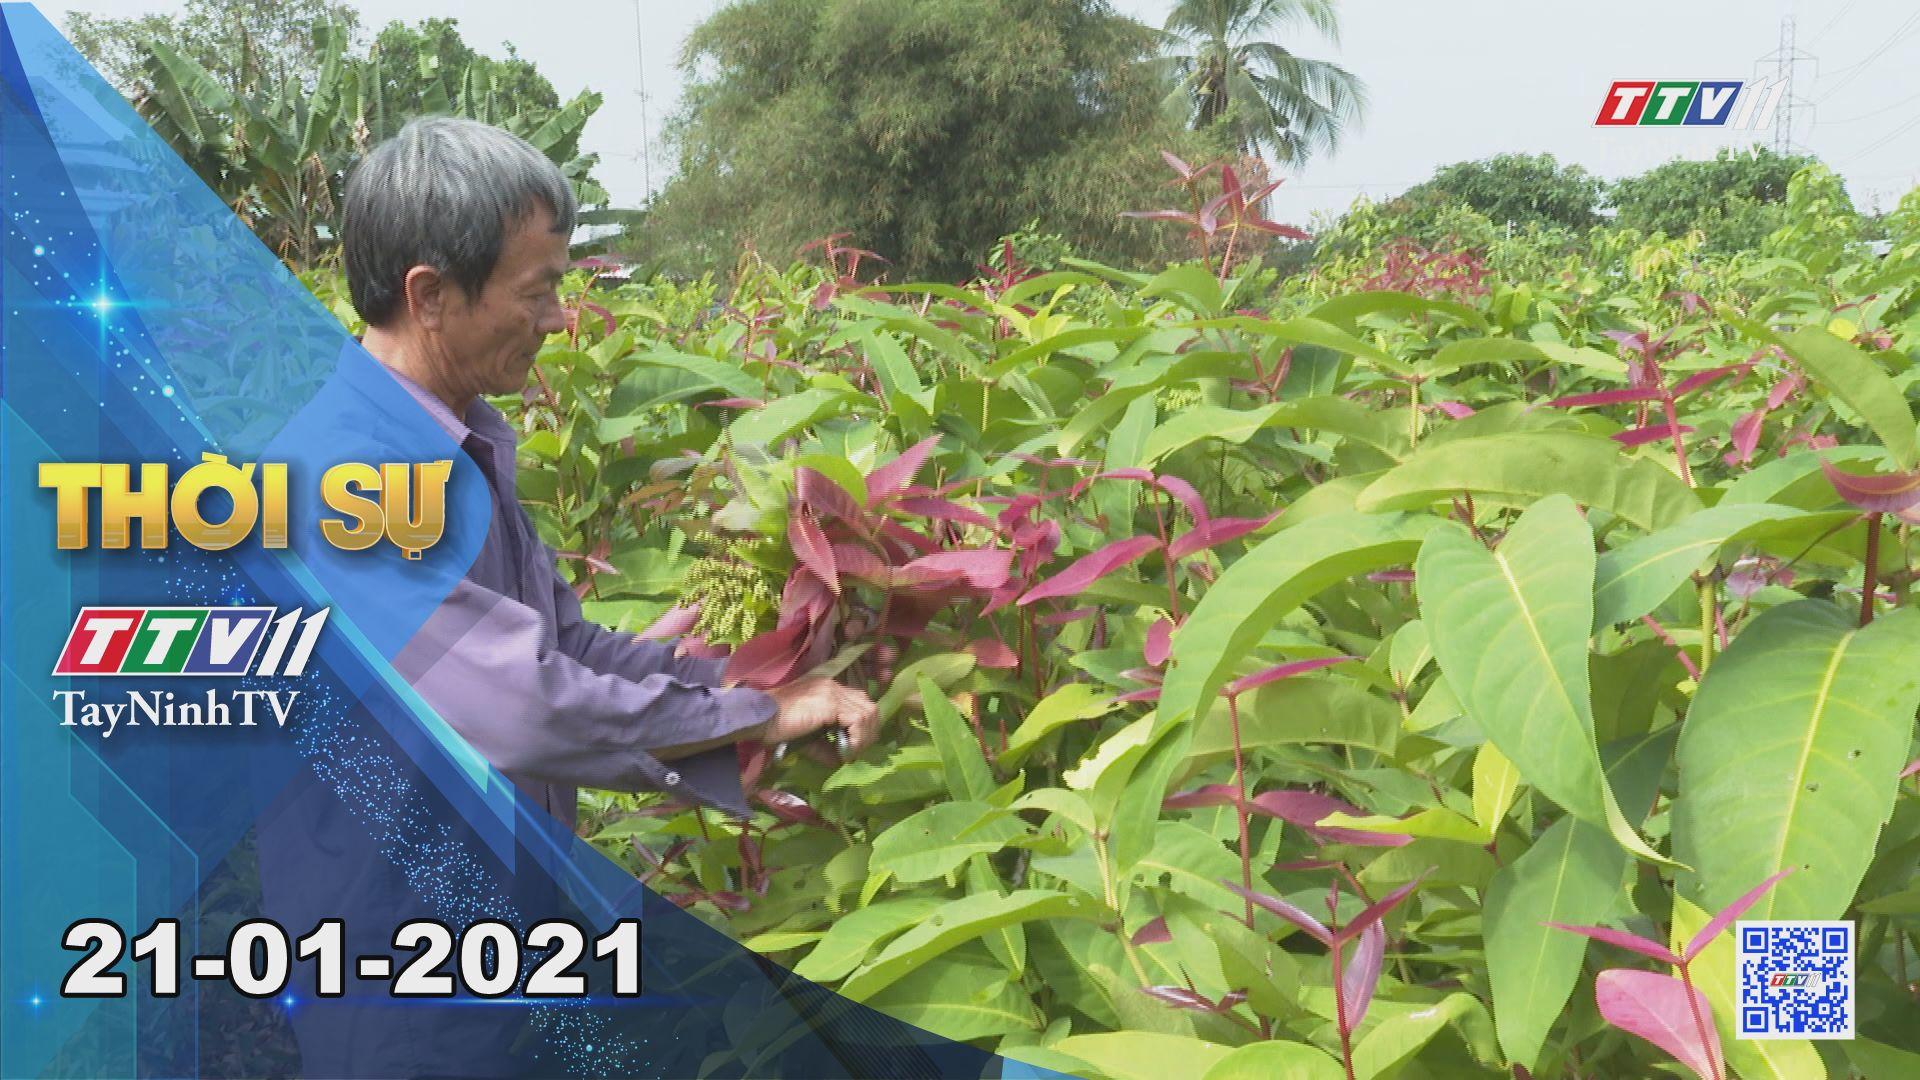 Thời sự Tây Ninh 21-01-2021 | Tin tức hôm nay | TayNinhTV